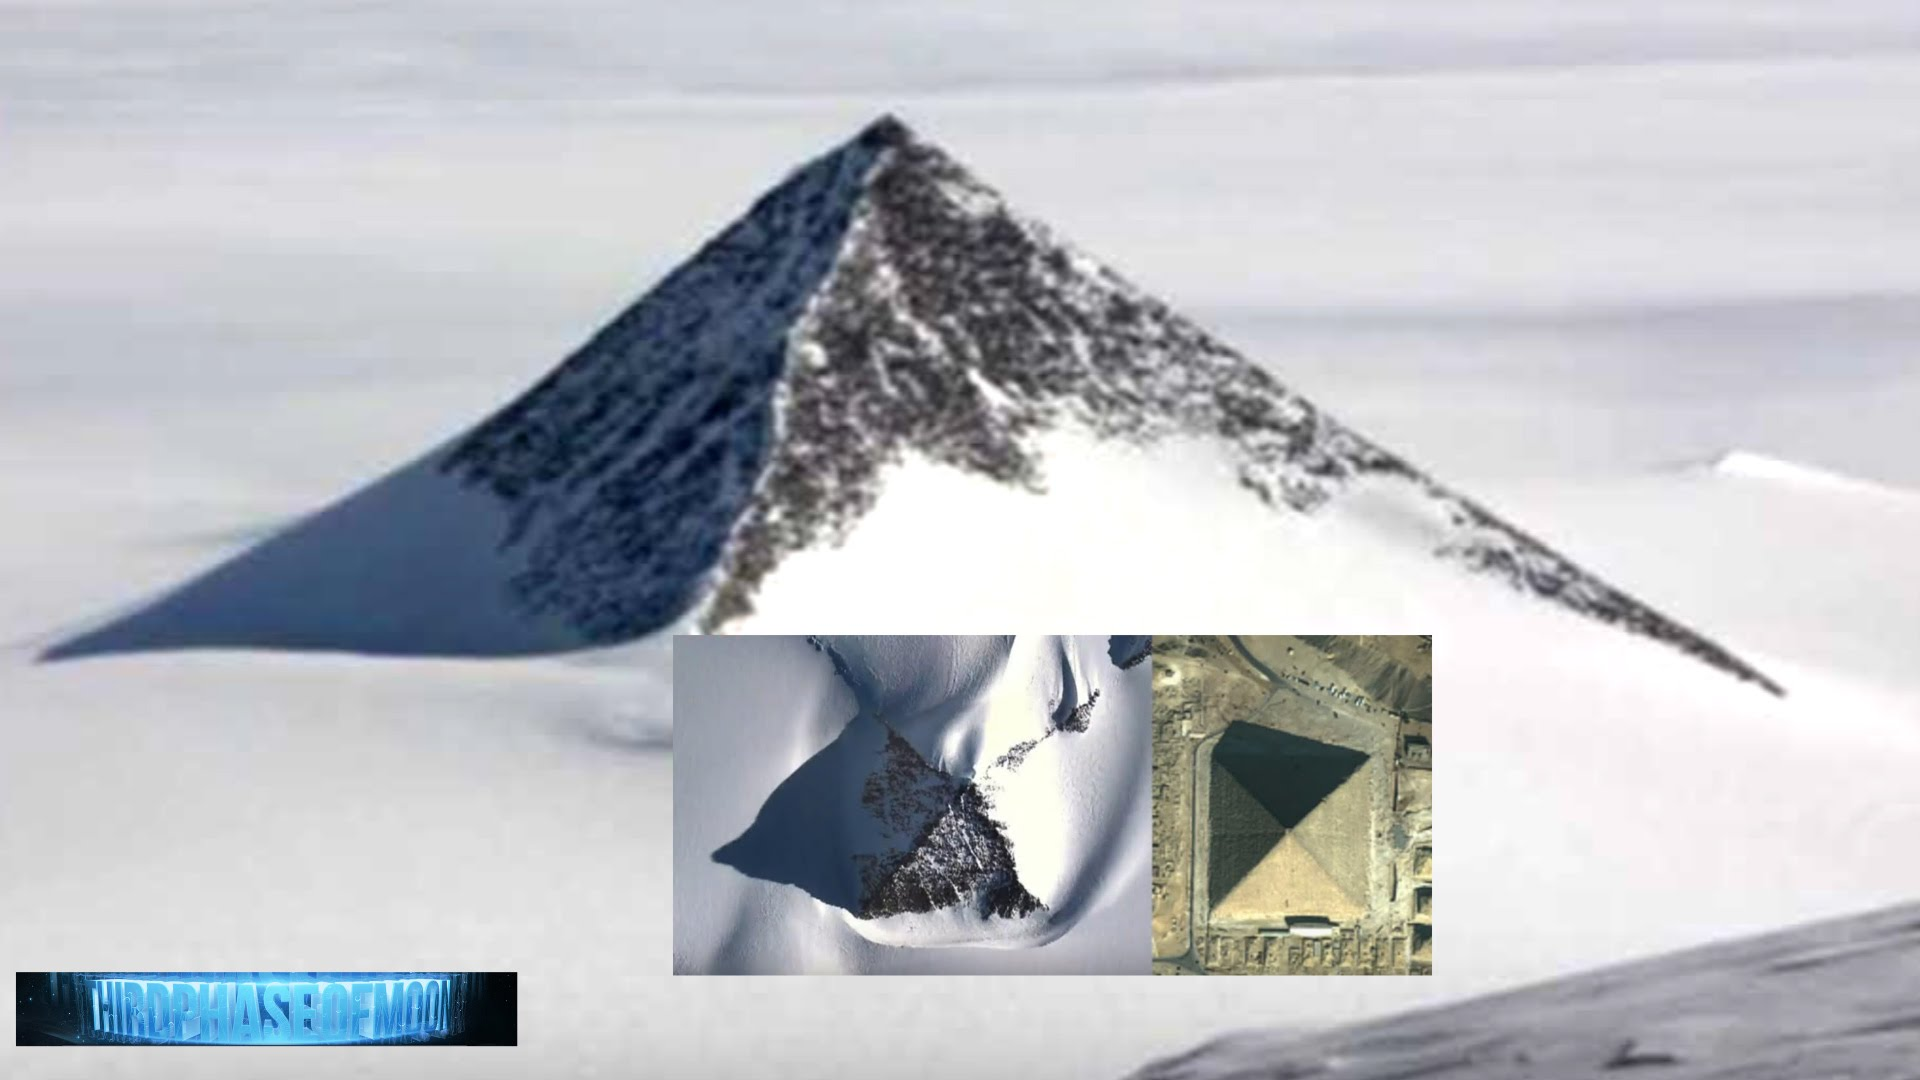 Antarktis Pyramide